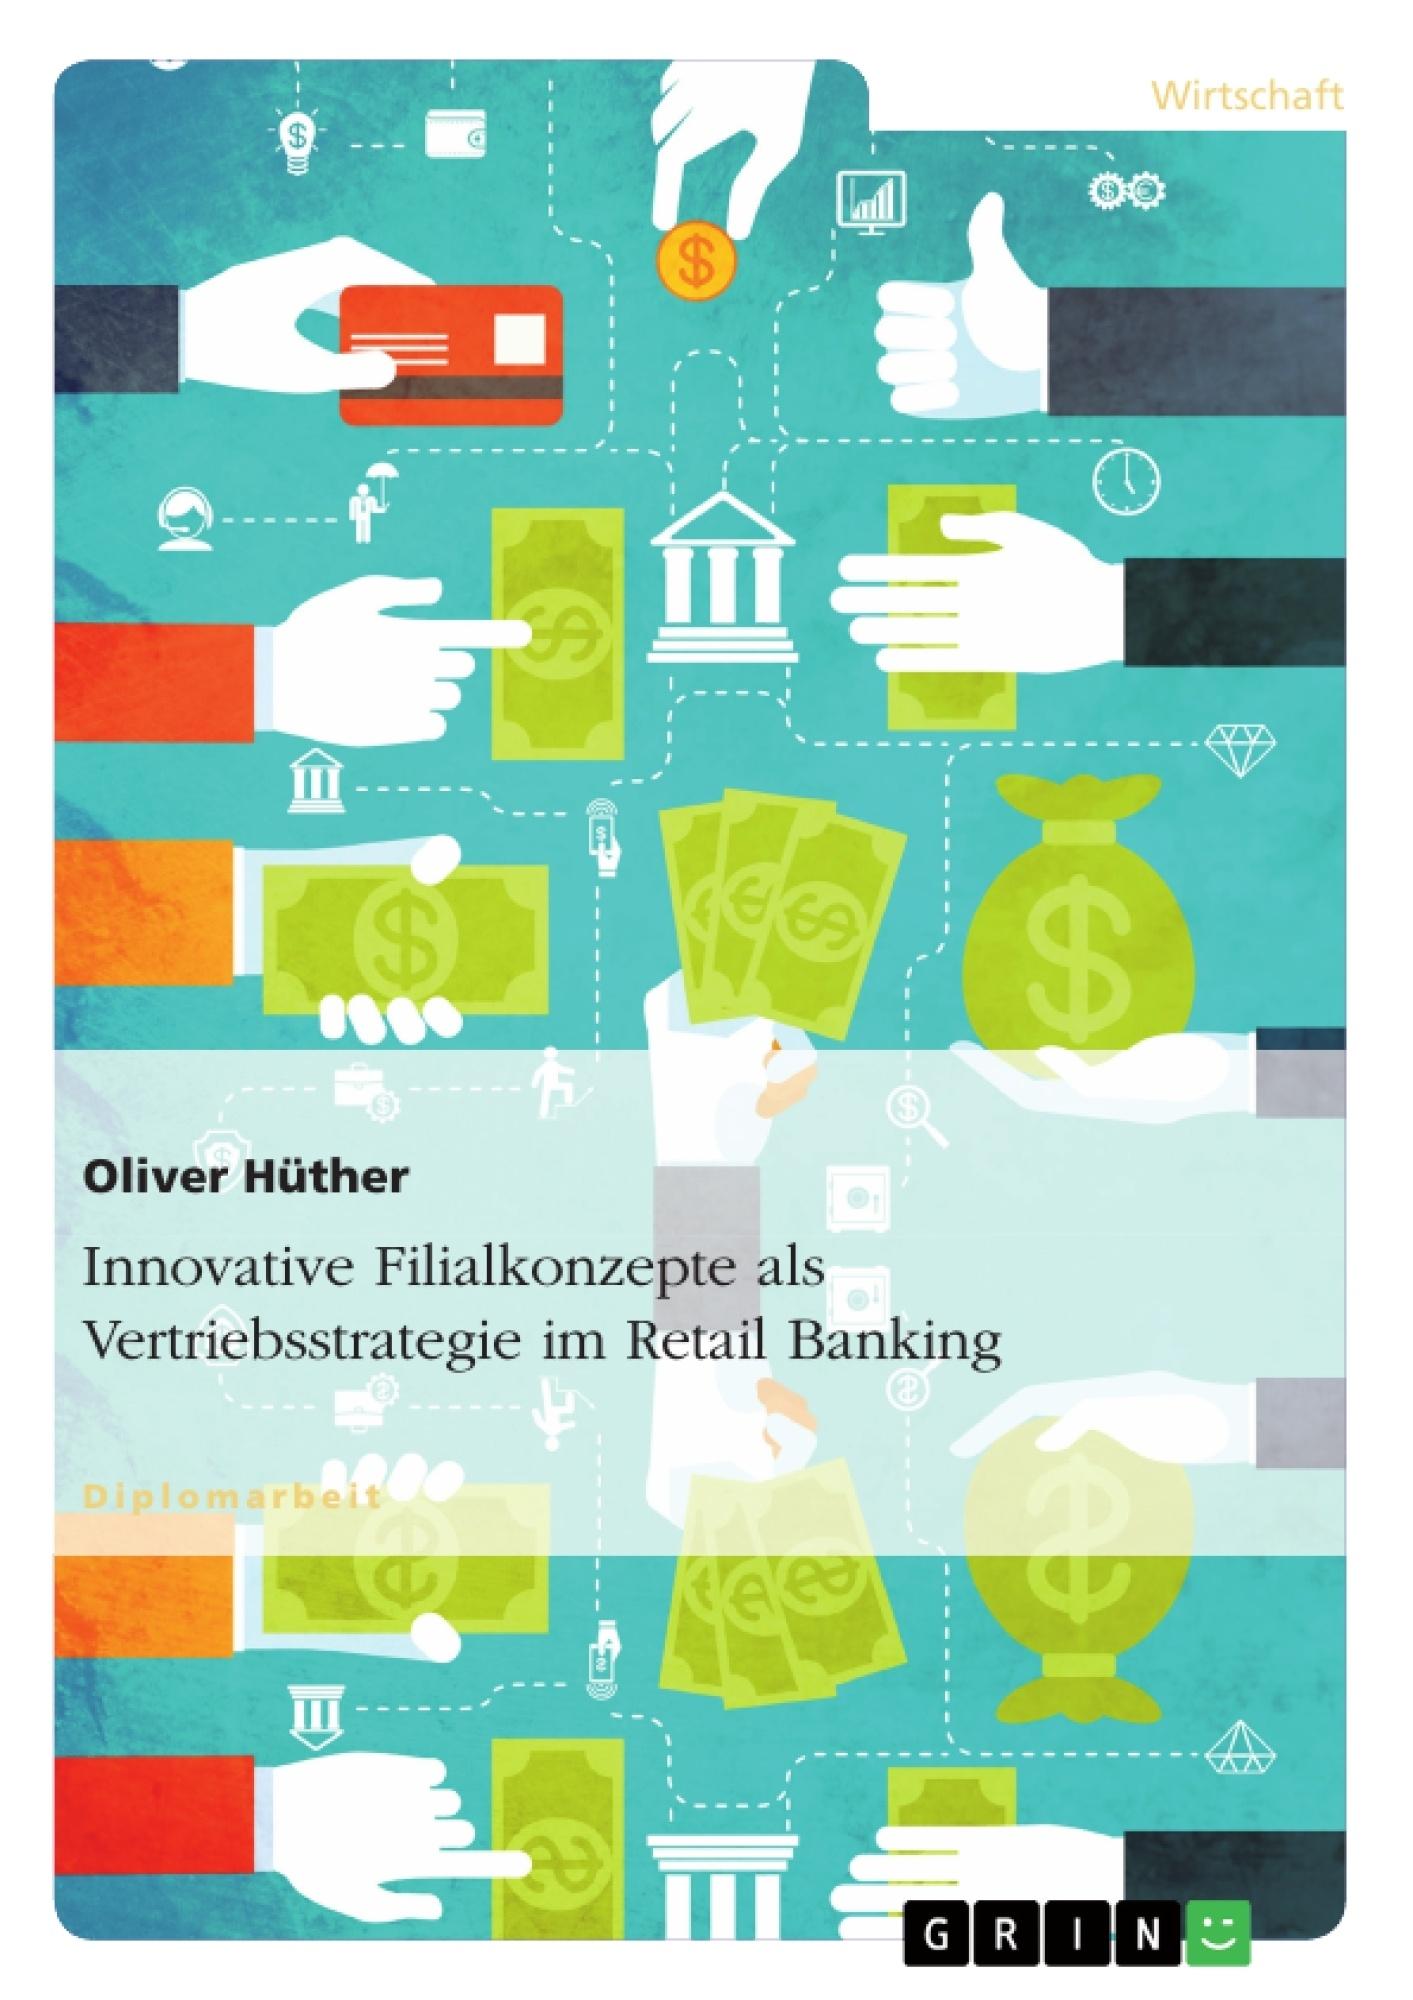 Titel: Innovative Filialkonzepte als Vertriebsstrategie im Retail Banking